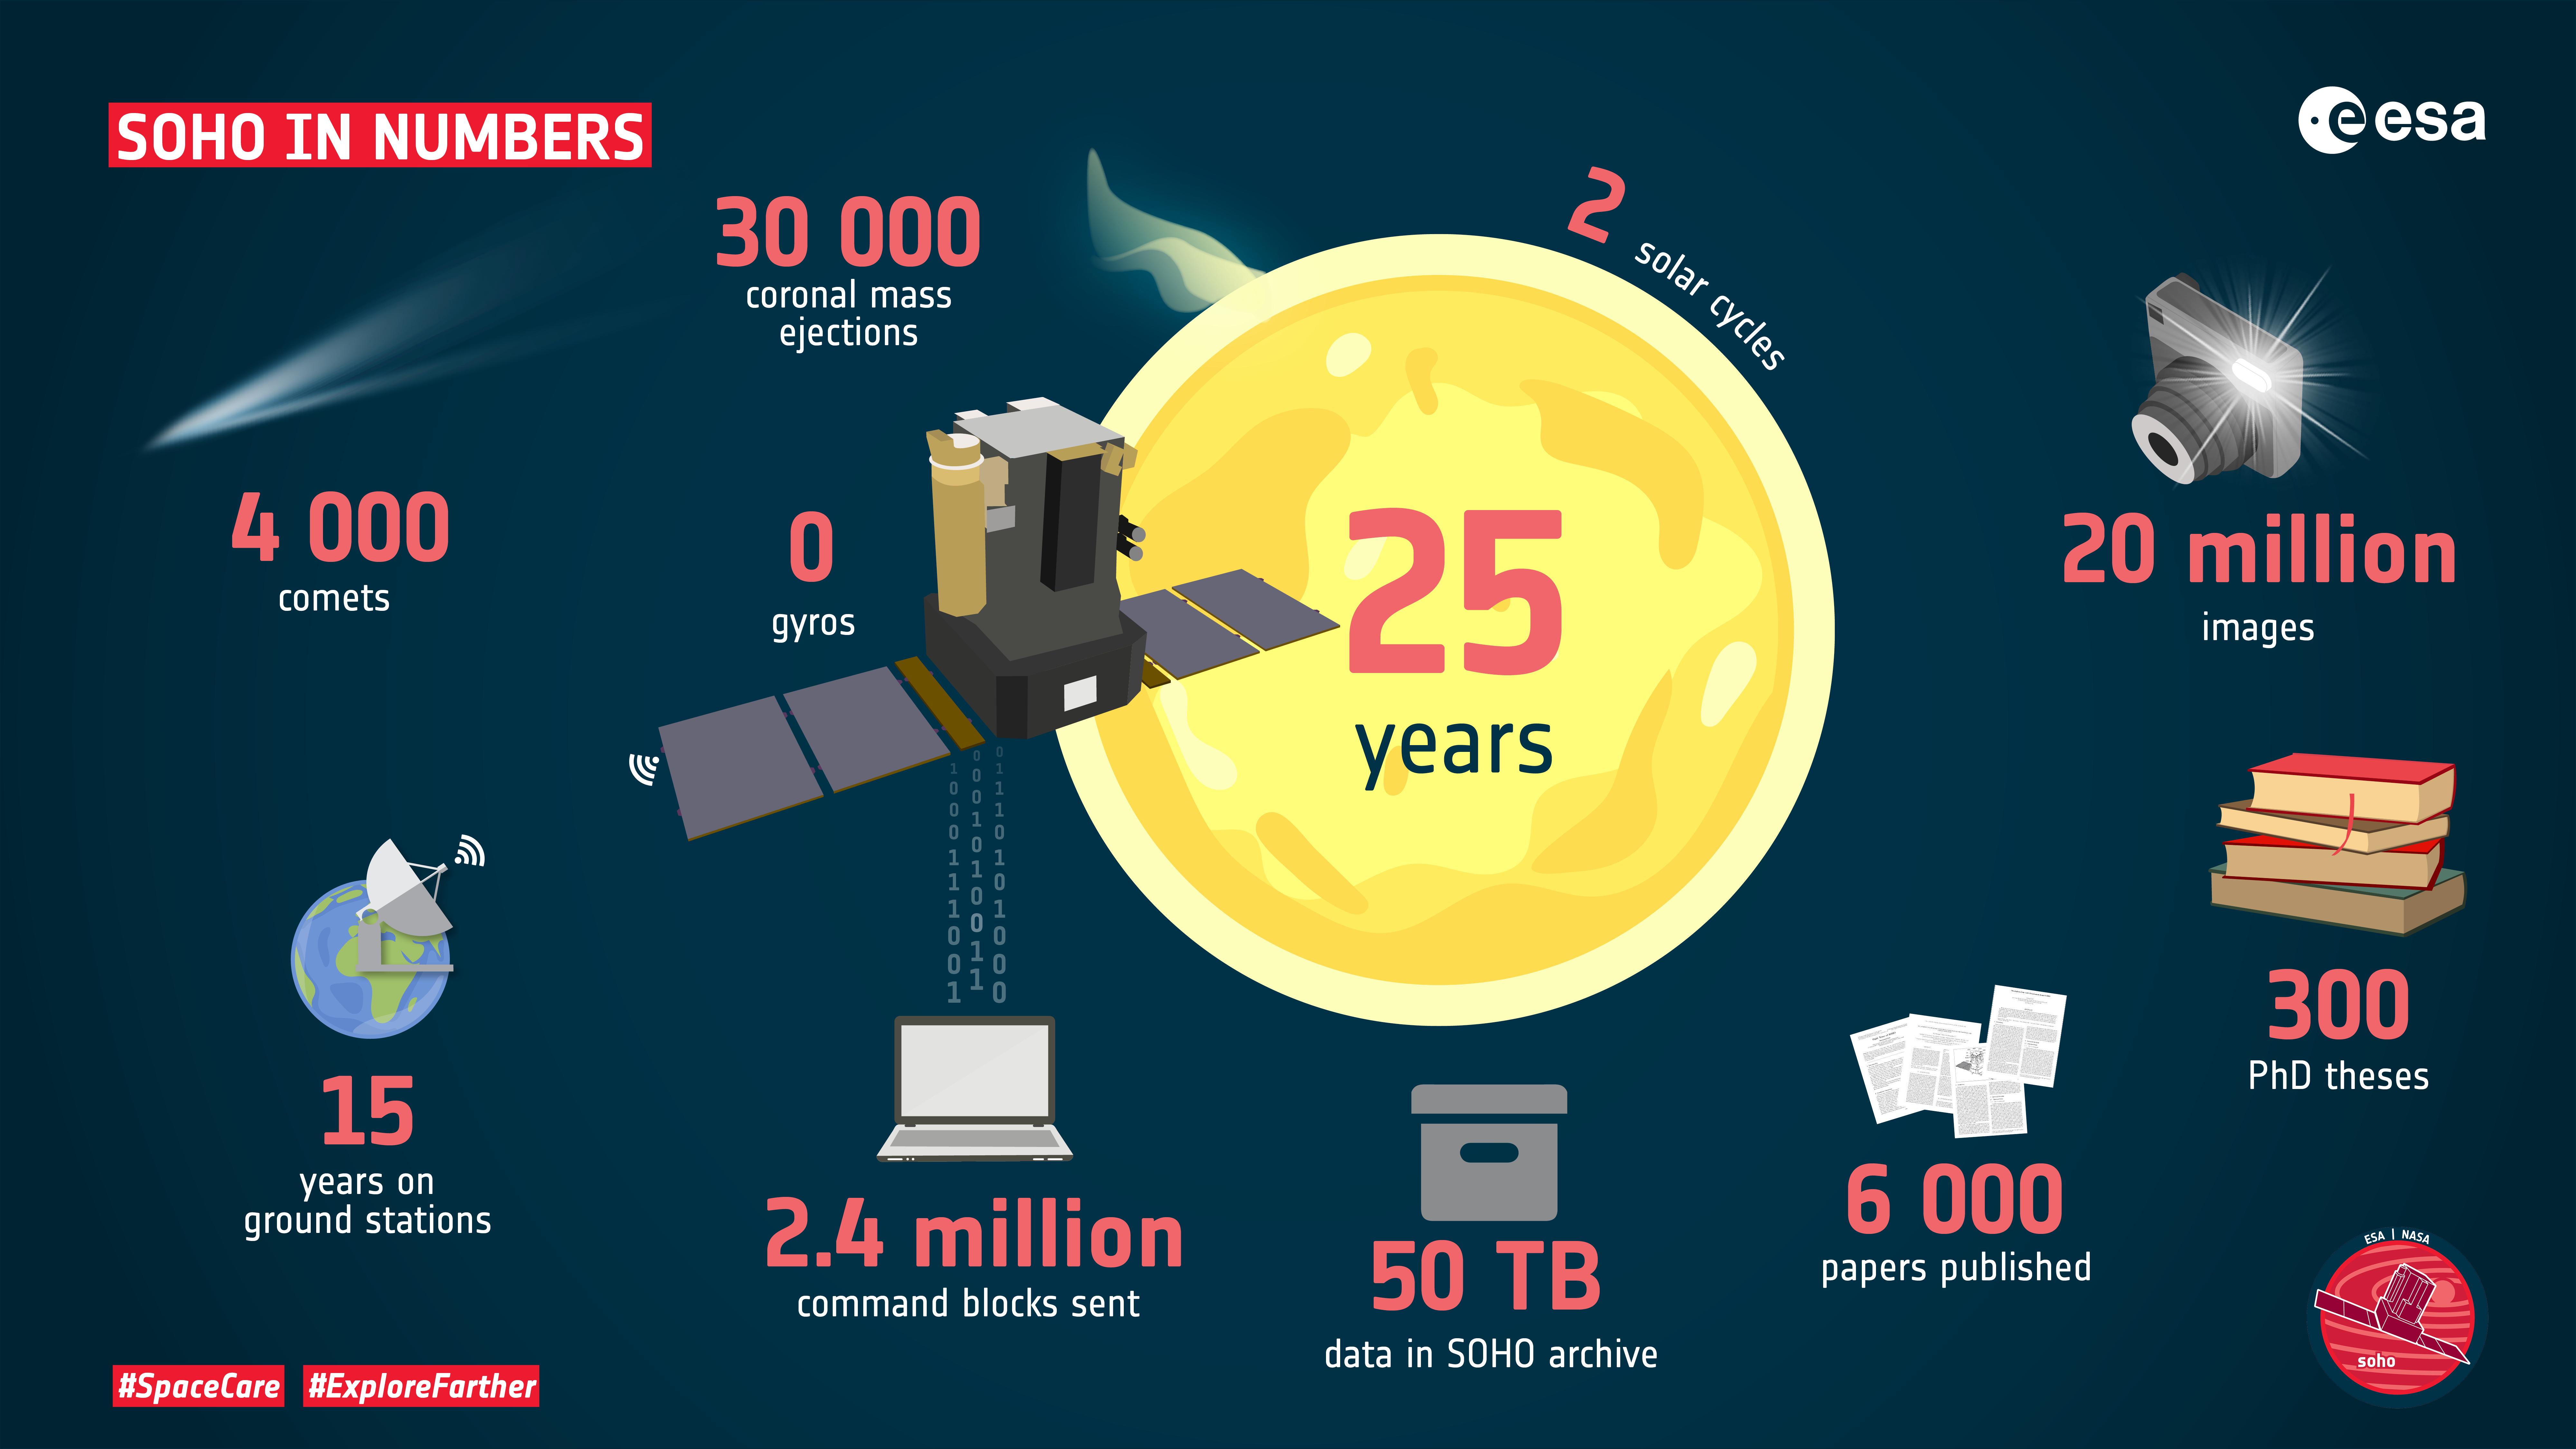 ESA_SOHO-in-numbers.jpg